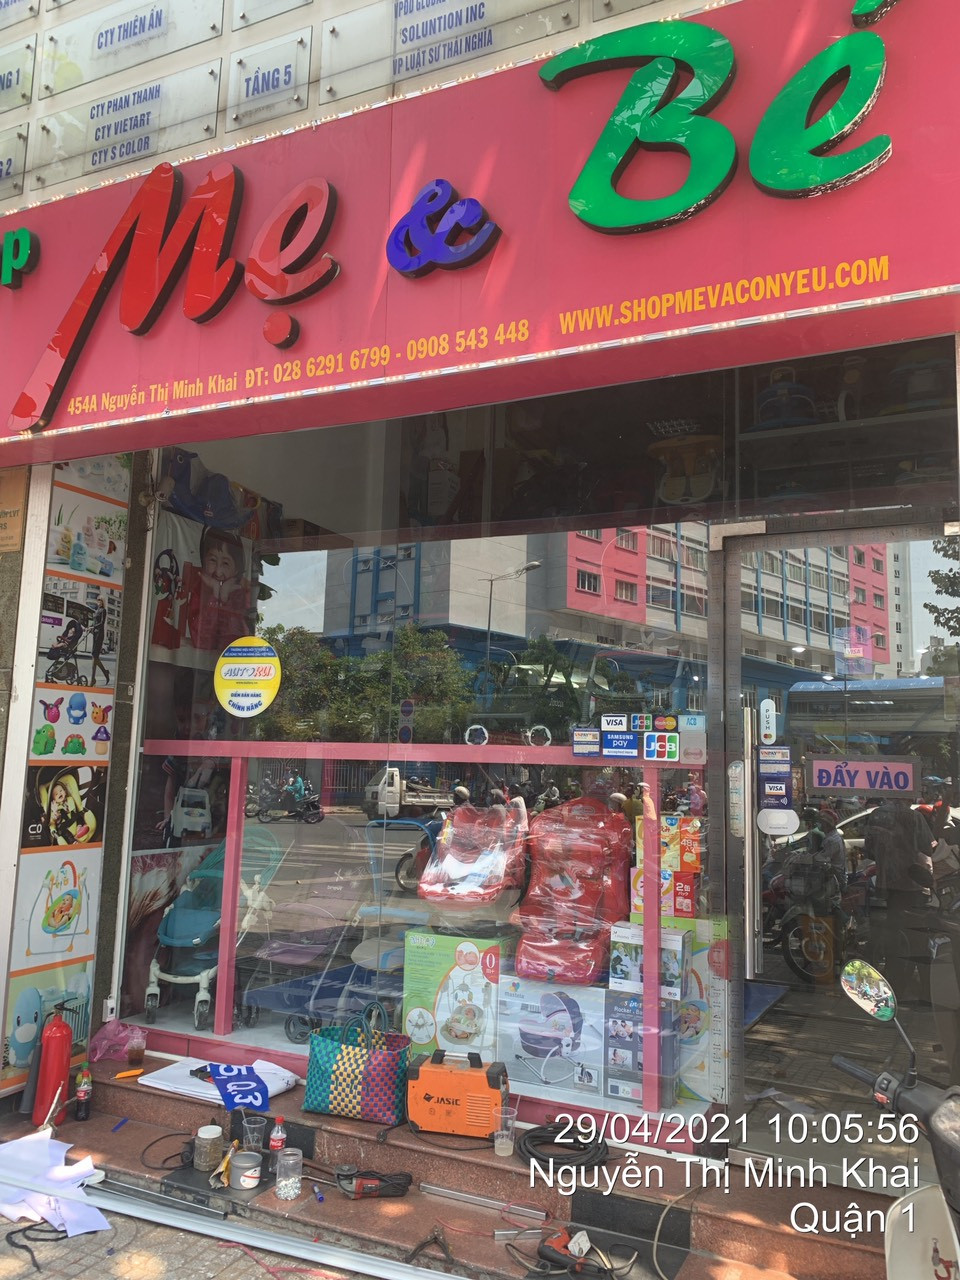 Mẹ & Bé Nguyễn Thị Minh Khai454A Nguyễn Thị Minh Khai, Phường 5, Quận 3, Thành phố Hồ Chí Minh 02862744366